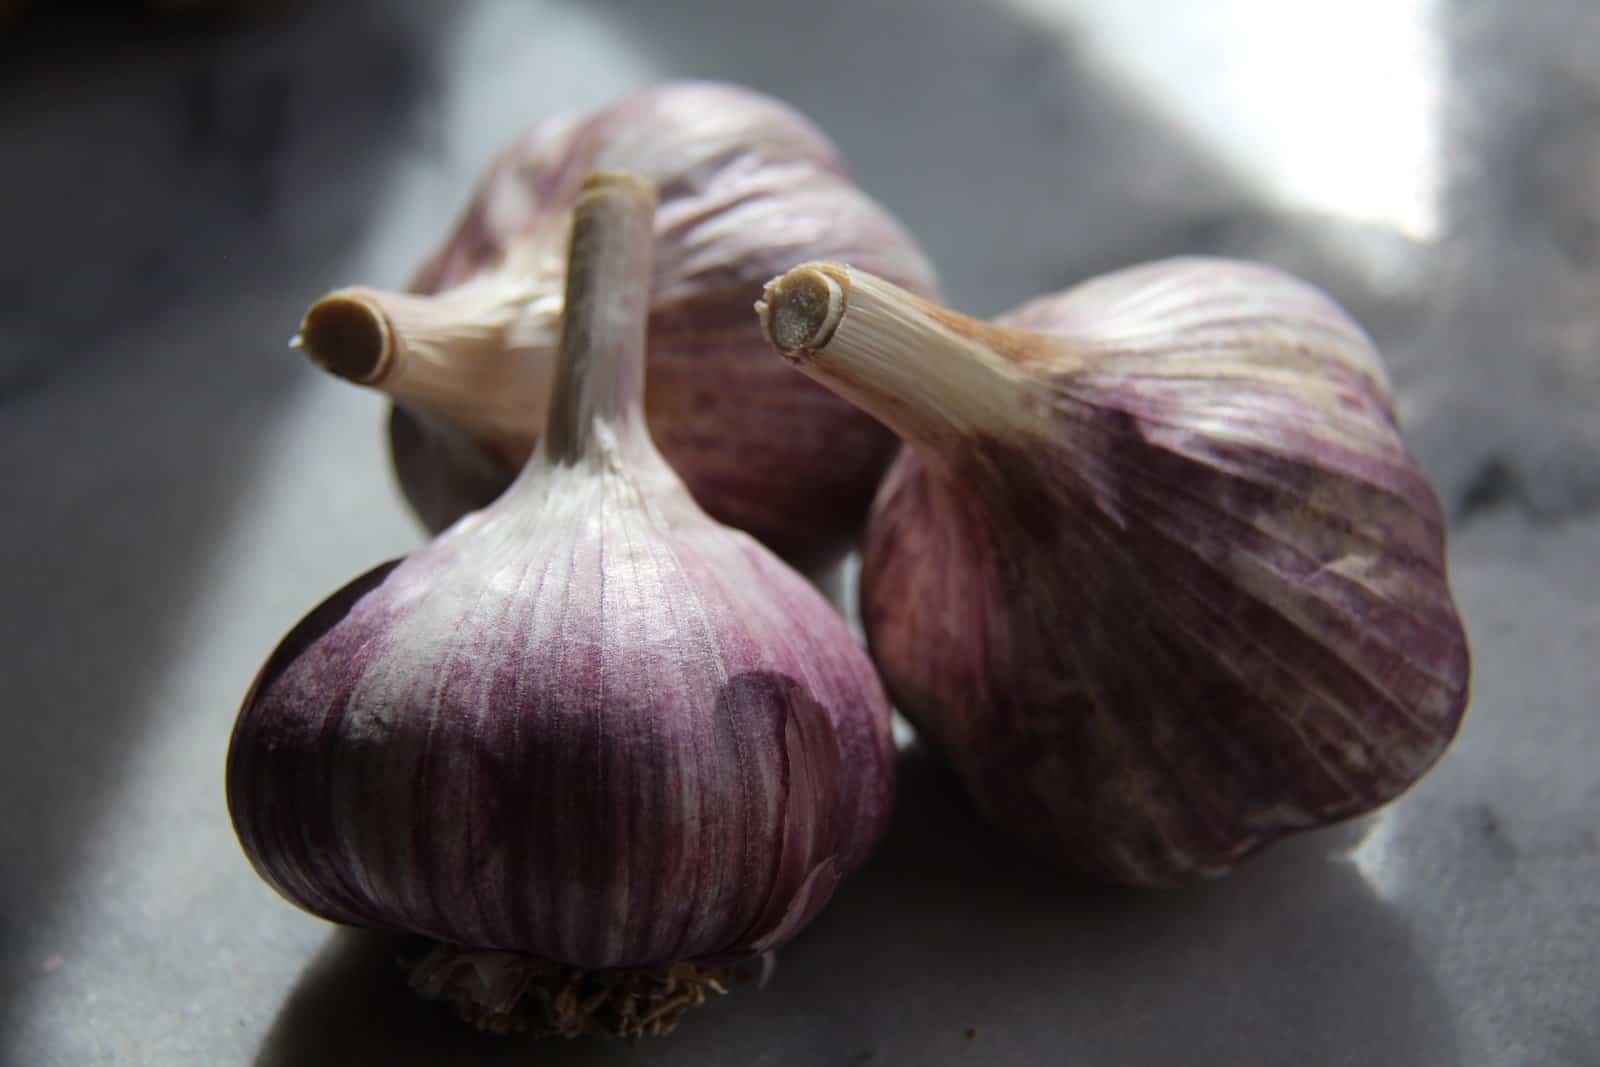 how to grow fresh organic garlic in your own backyard